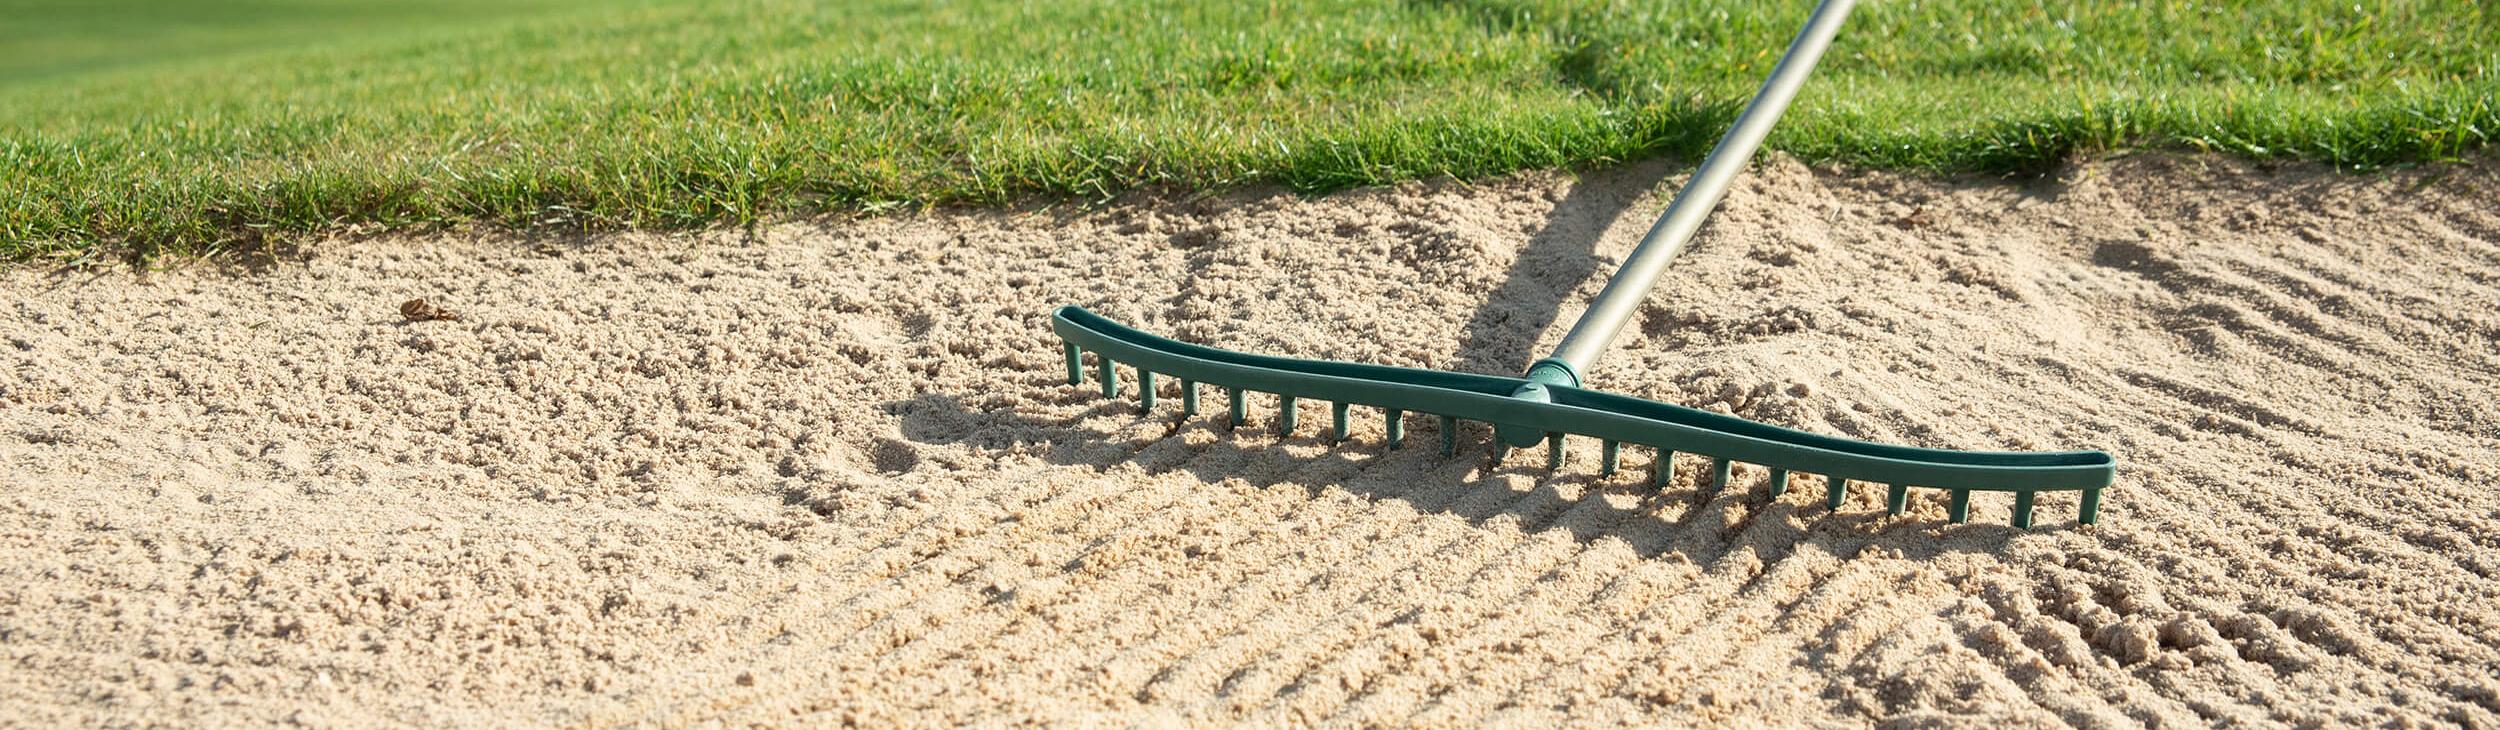 Golf-Club Herzogenaurach | Etiktte und Regel